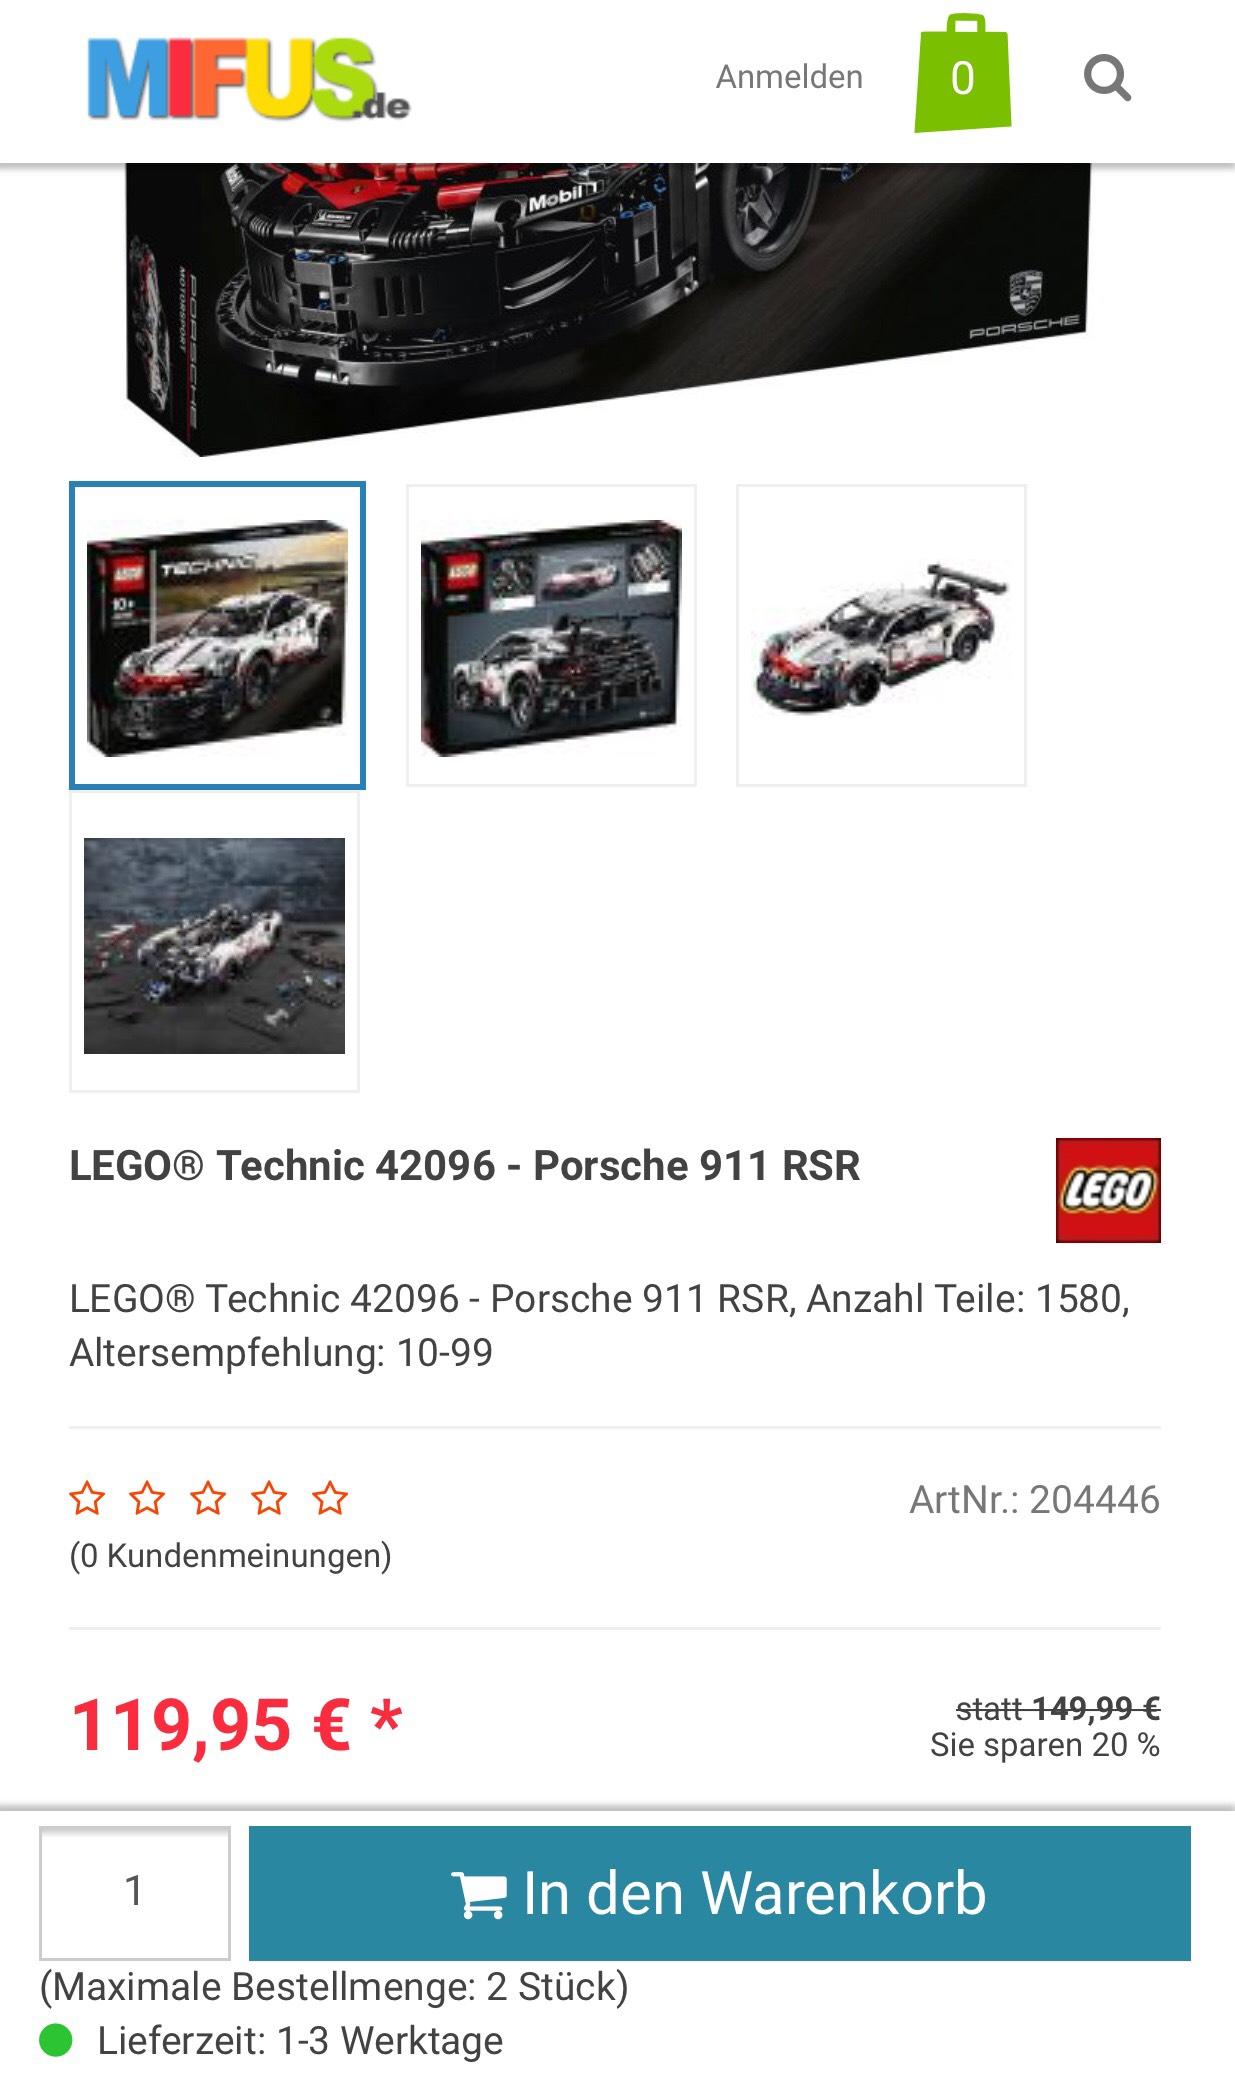 Lego Technic Porsche 42096 für 119,95 + VSK